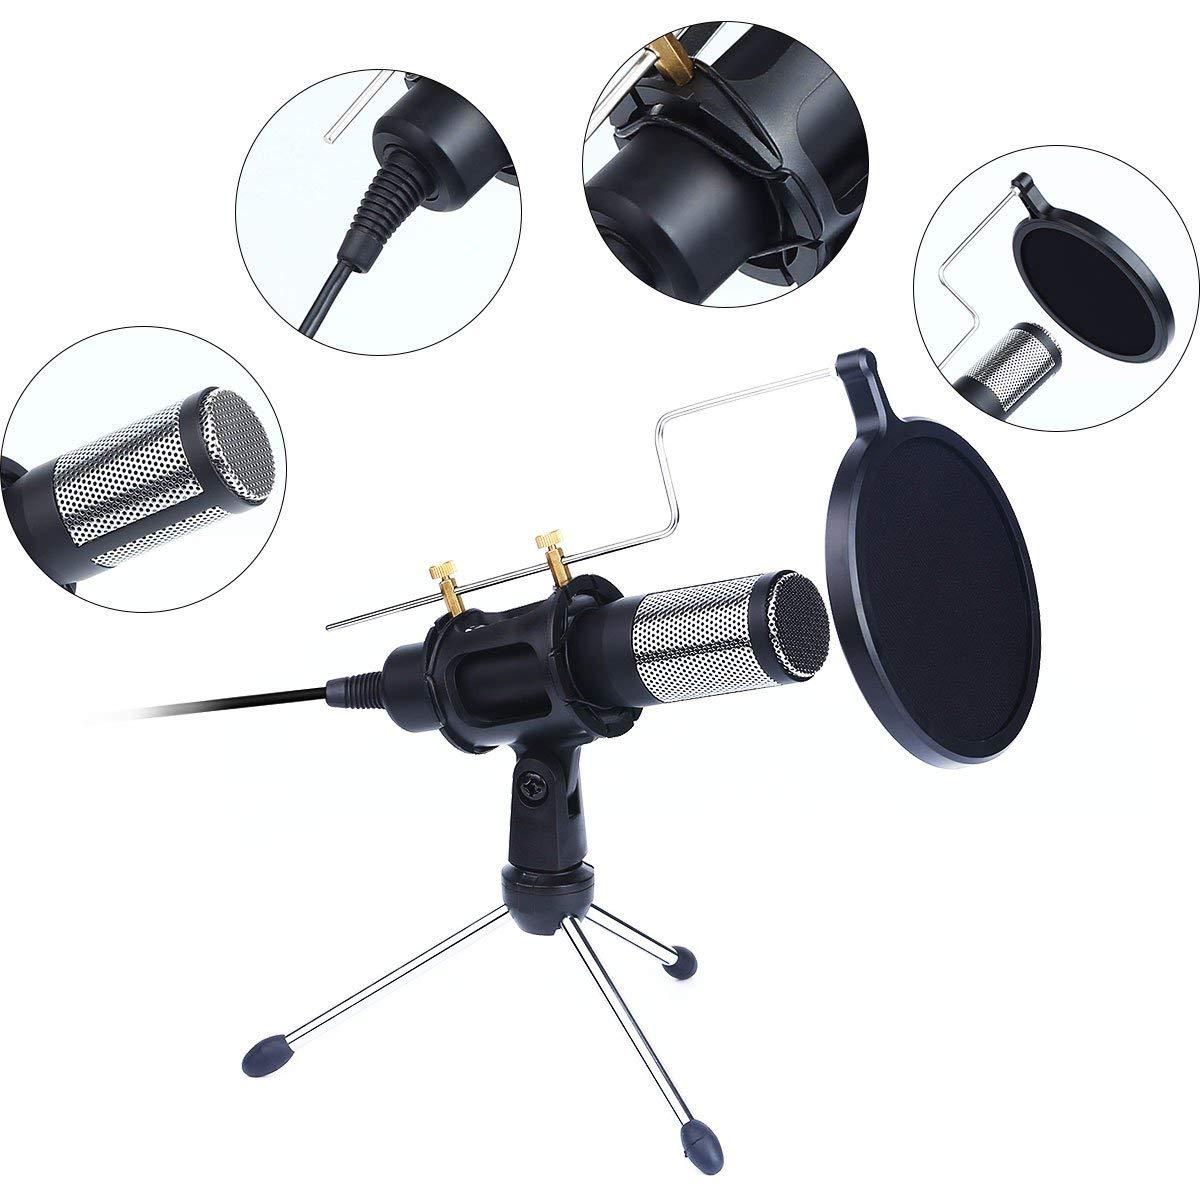 SANRENXING Micrófono USB, de Condensador Profesional Podcast ...